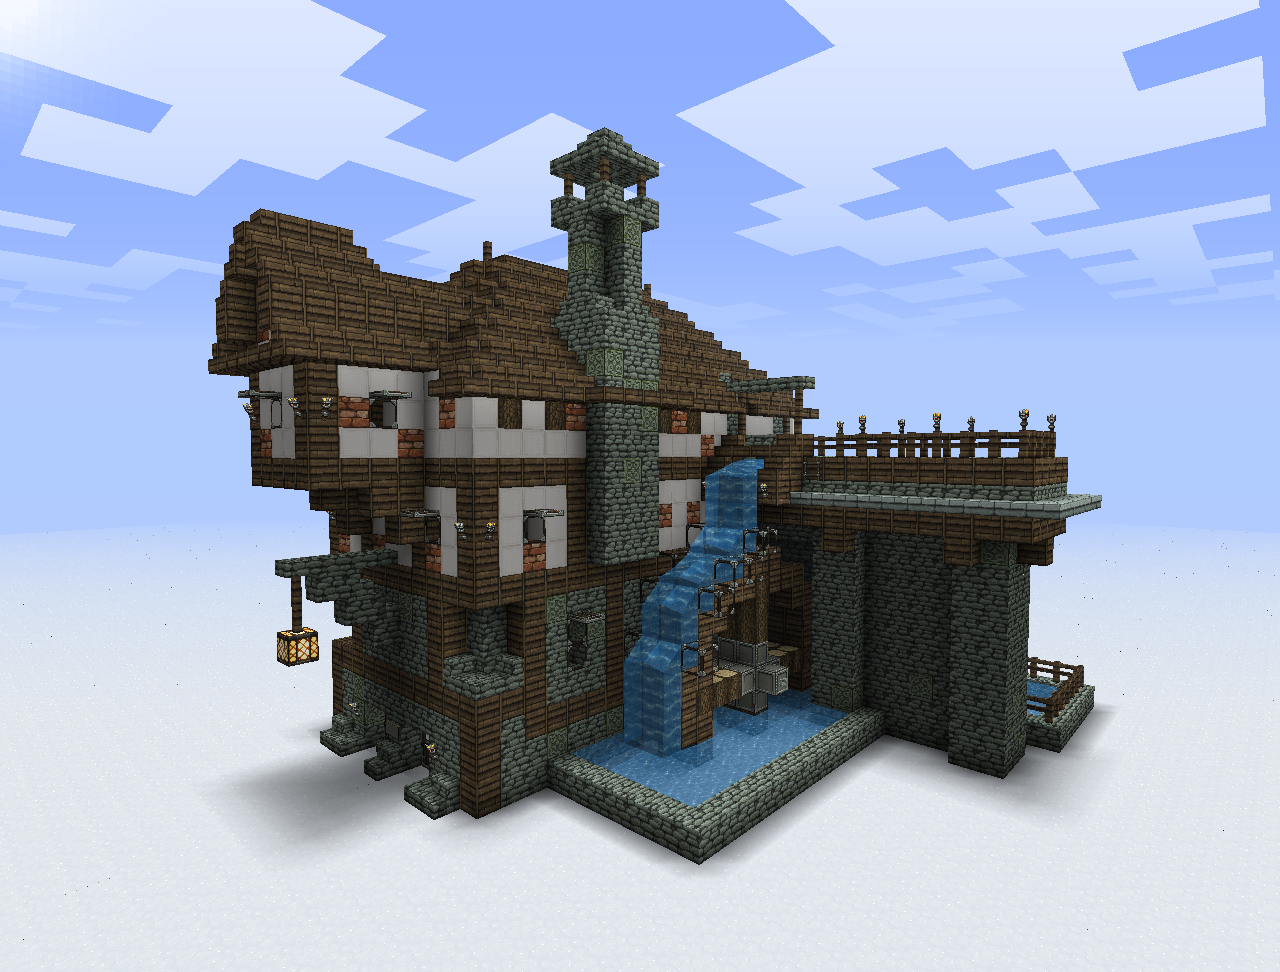 Npc village buildings by coltcoyote on deviantart apps directories - Medieval Building Bundle